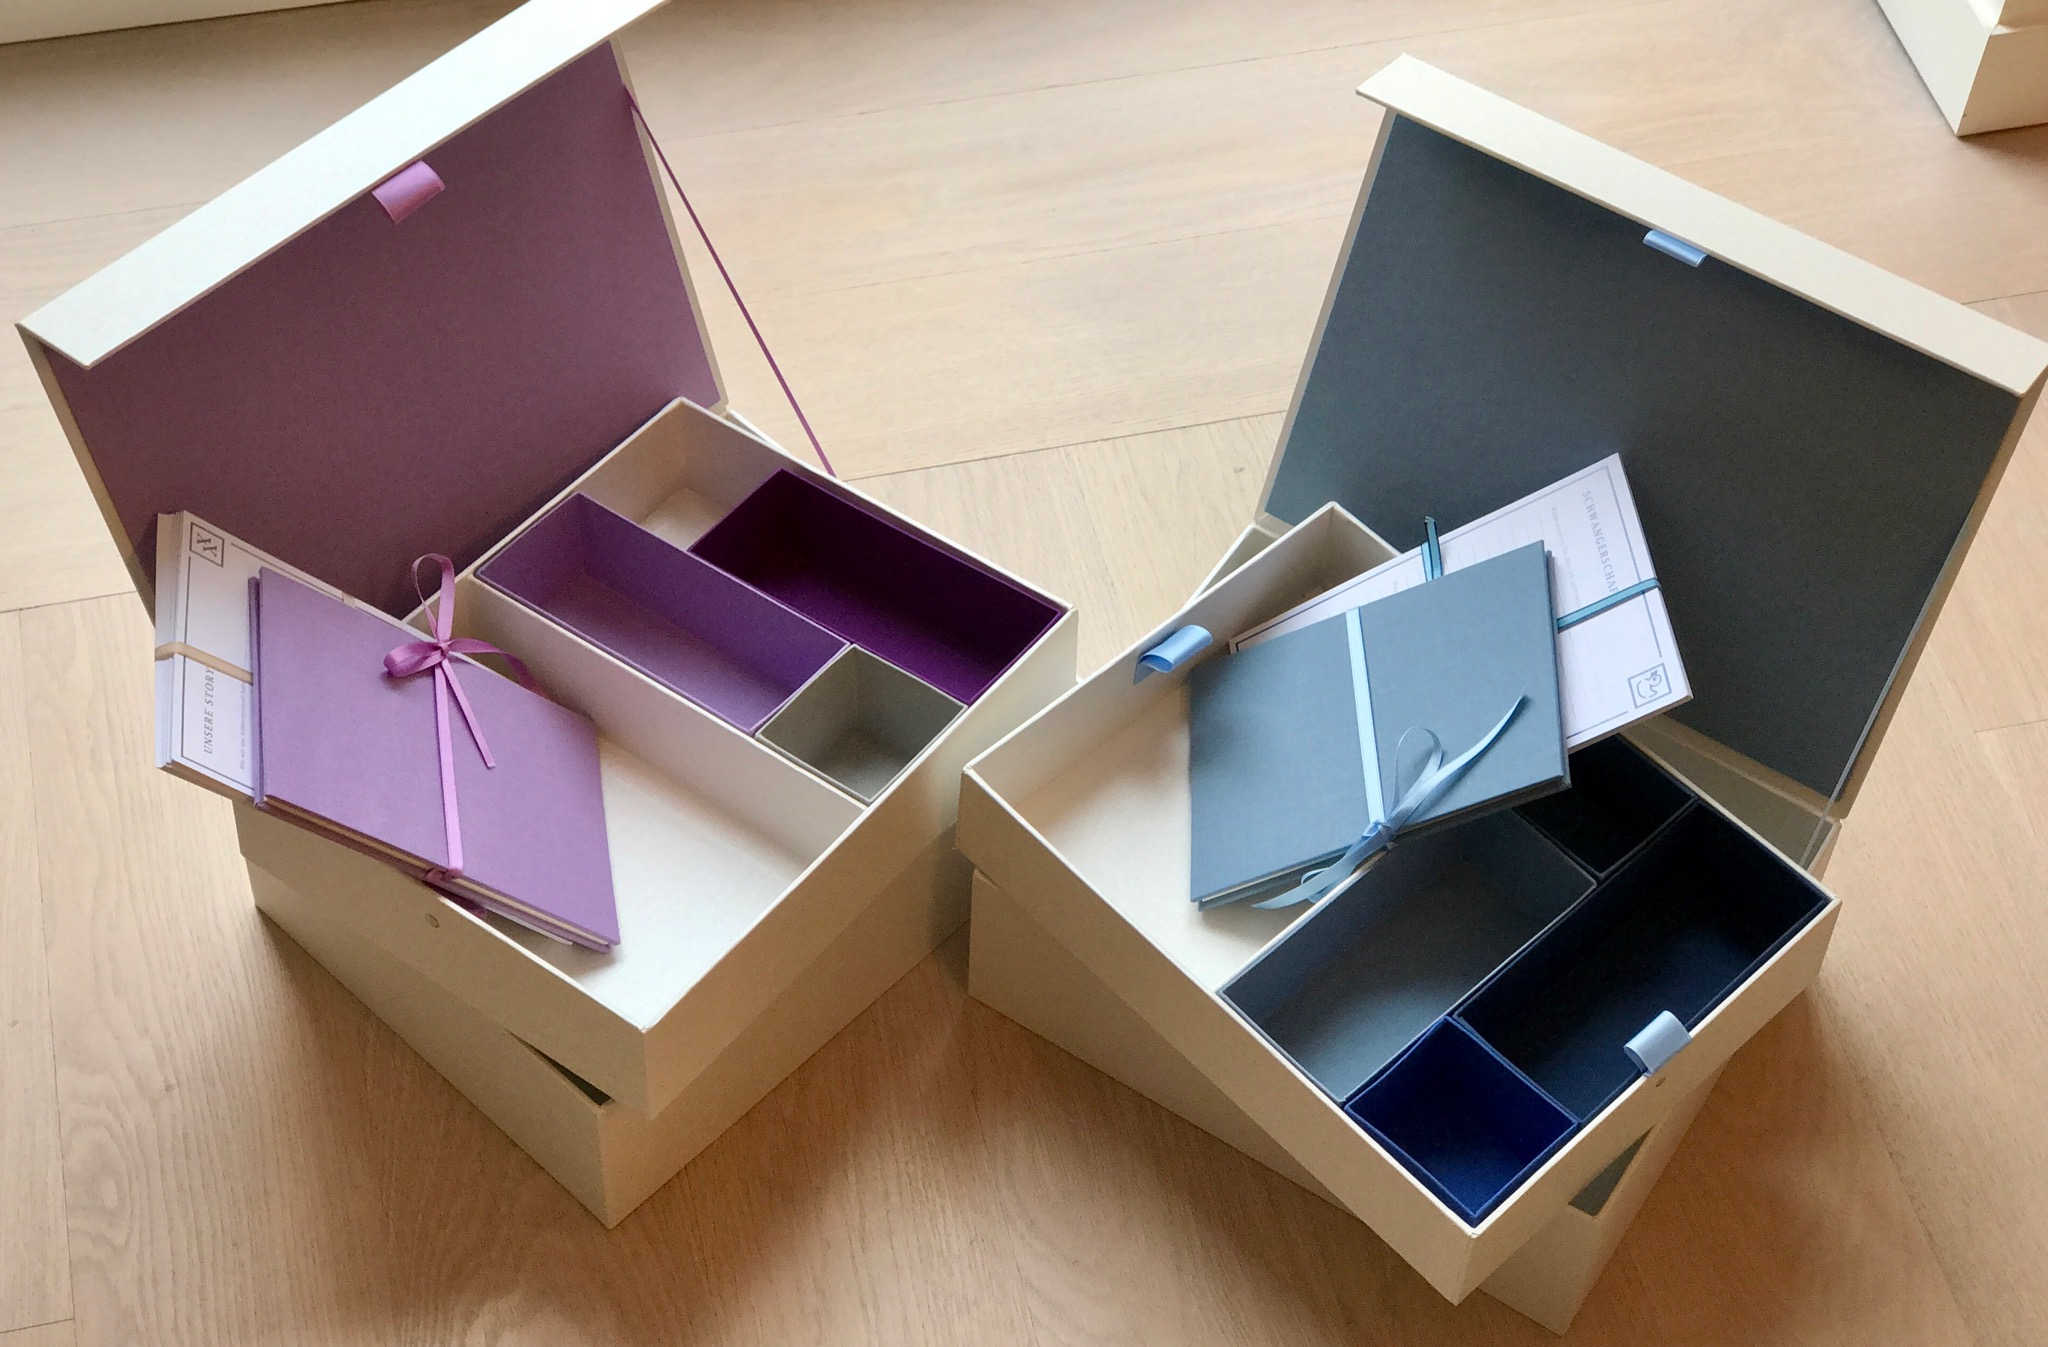 Memoryboxx, Erinnerungsbox, edle Fotokiste, Erinnerungen aufbewahren, Lifestyle Blog, www.lieblingsstil.com